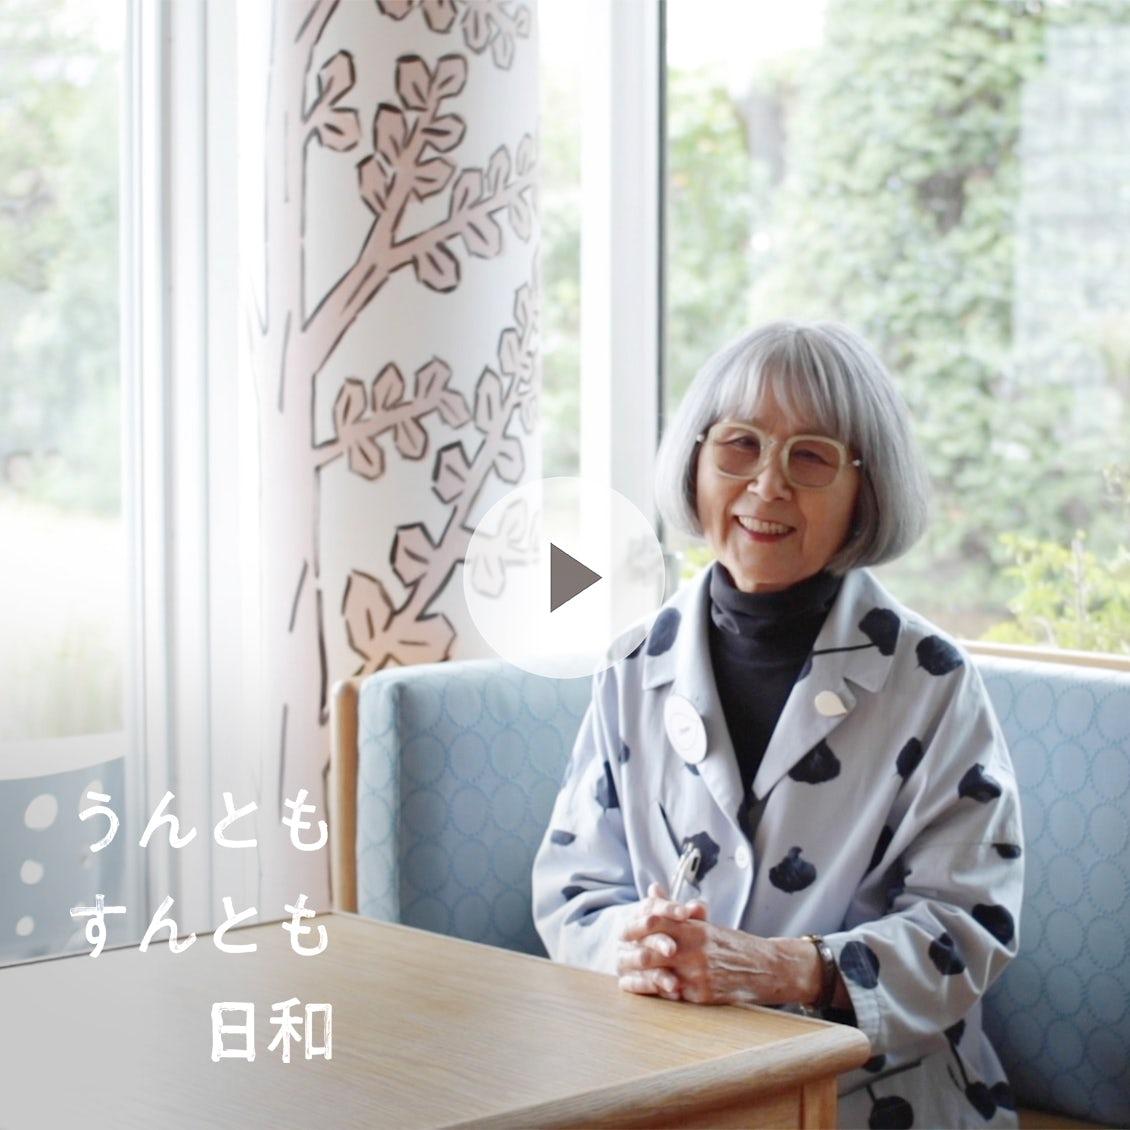 """【密着!】79歳で接客業に挑戦。年齢にとらわれず、""""好き""""を追い続けて。「call」スタッフ・小畑滋子さん"""